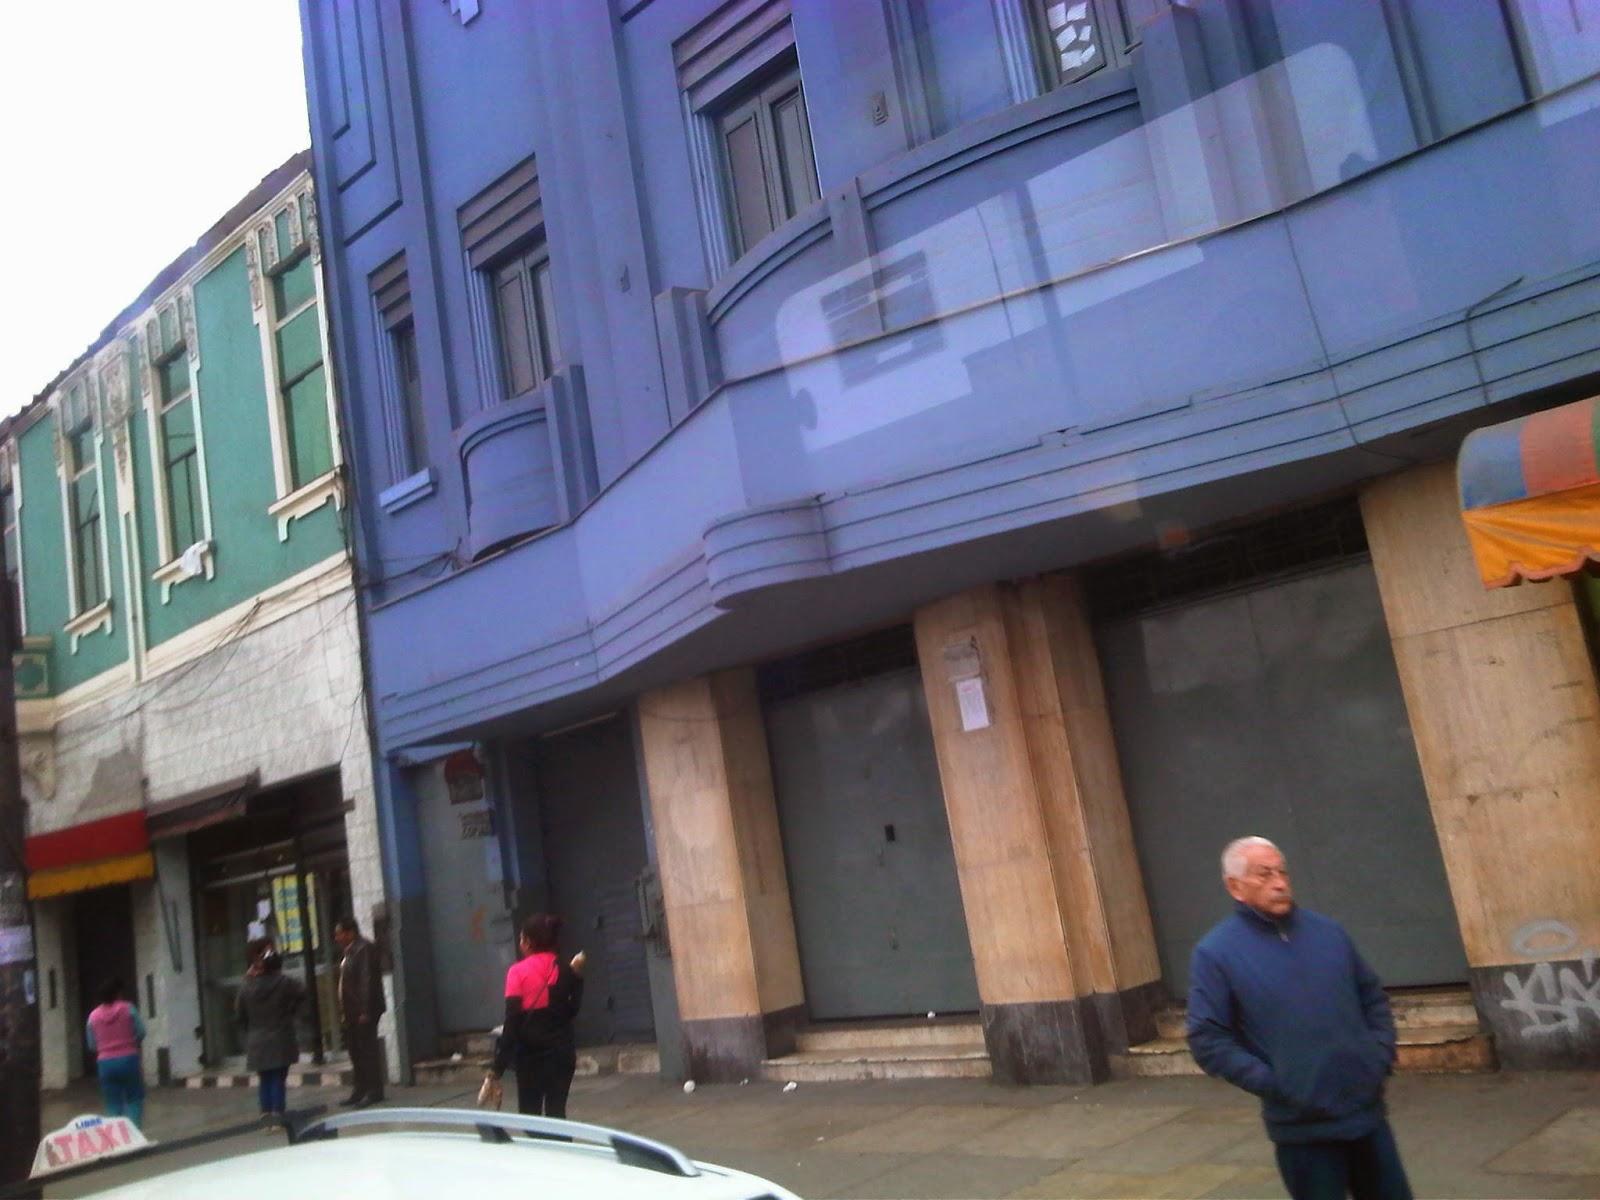 Avenida las putas 2 - 3 1